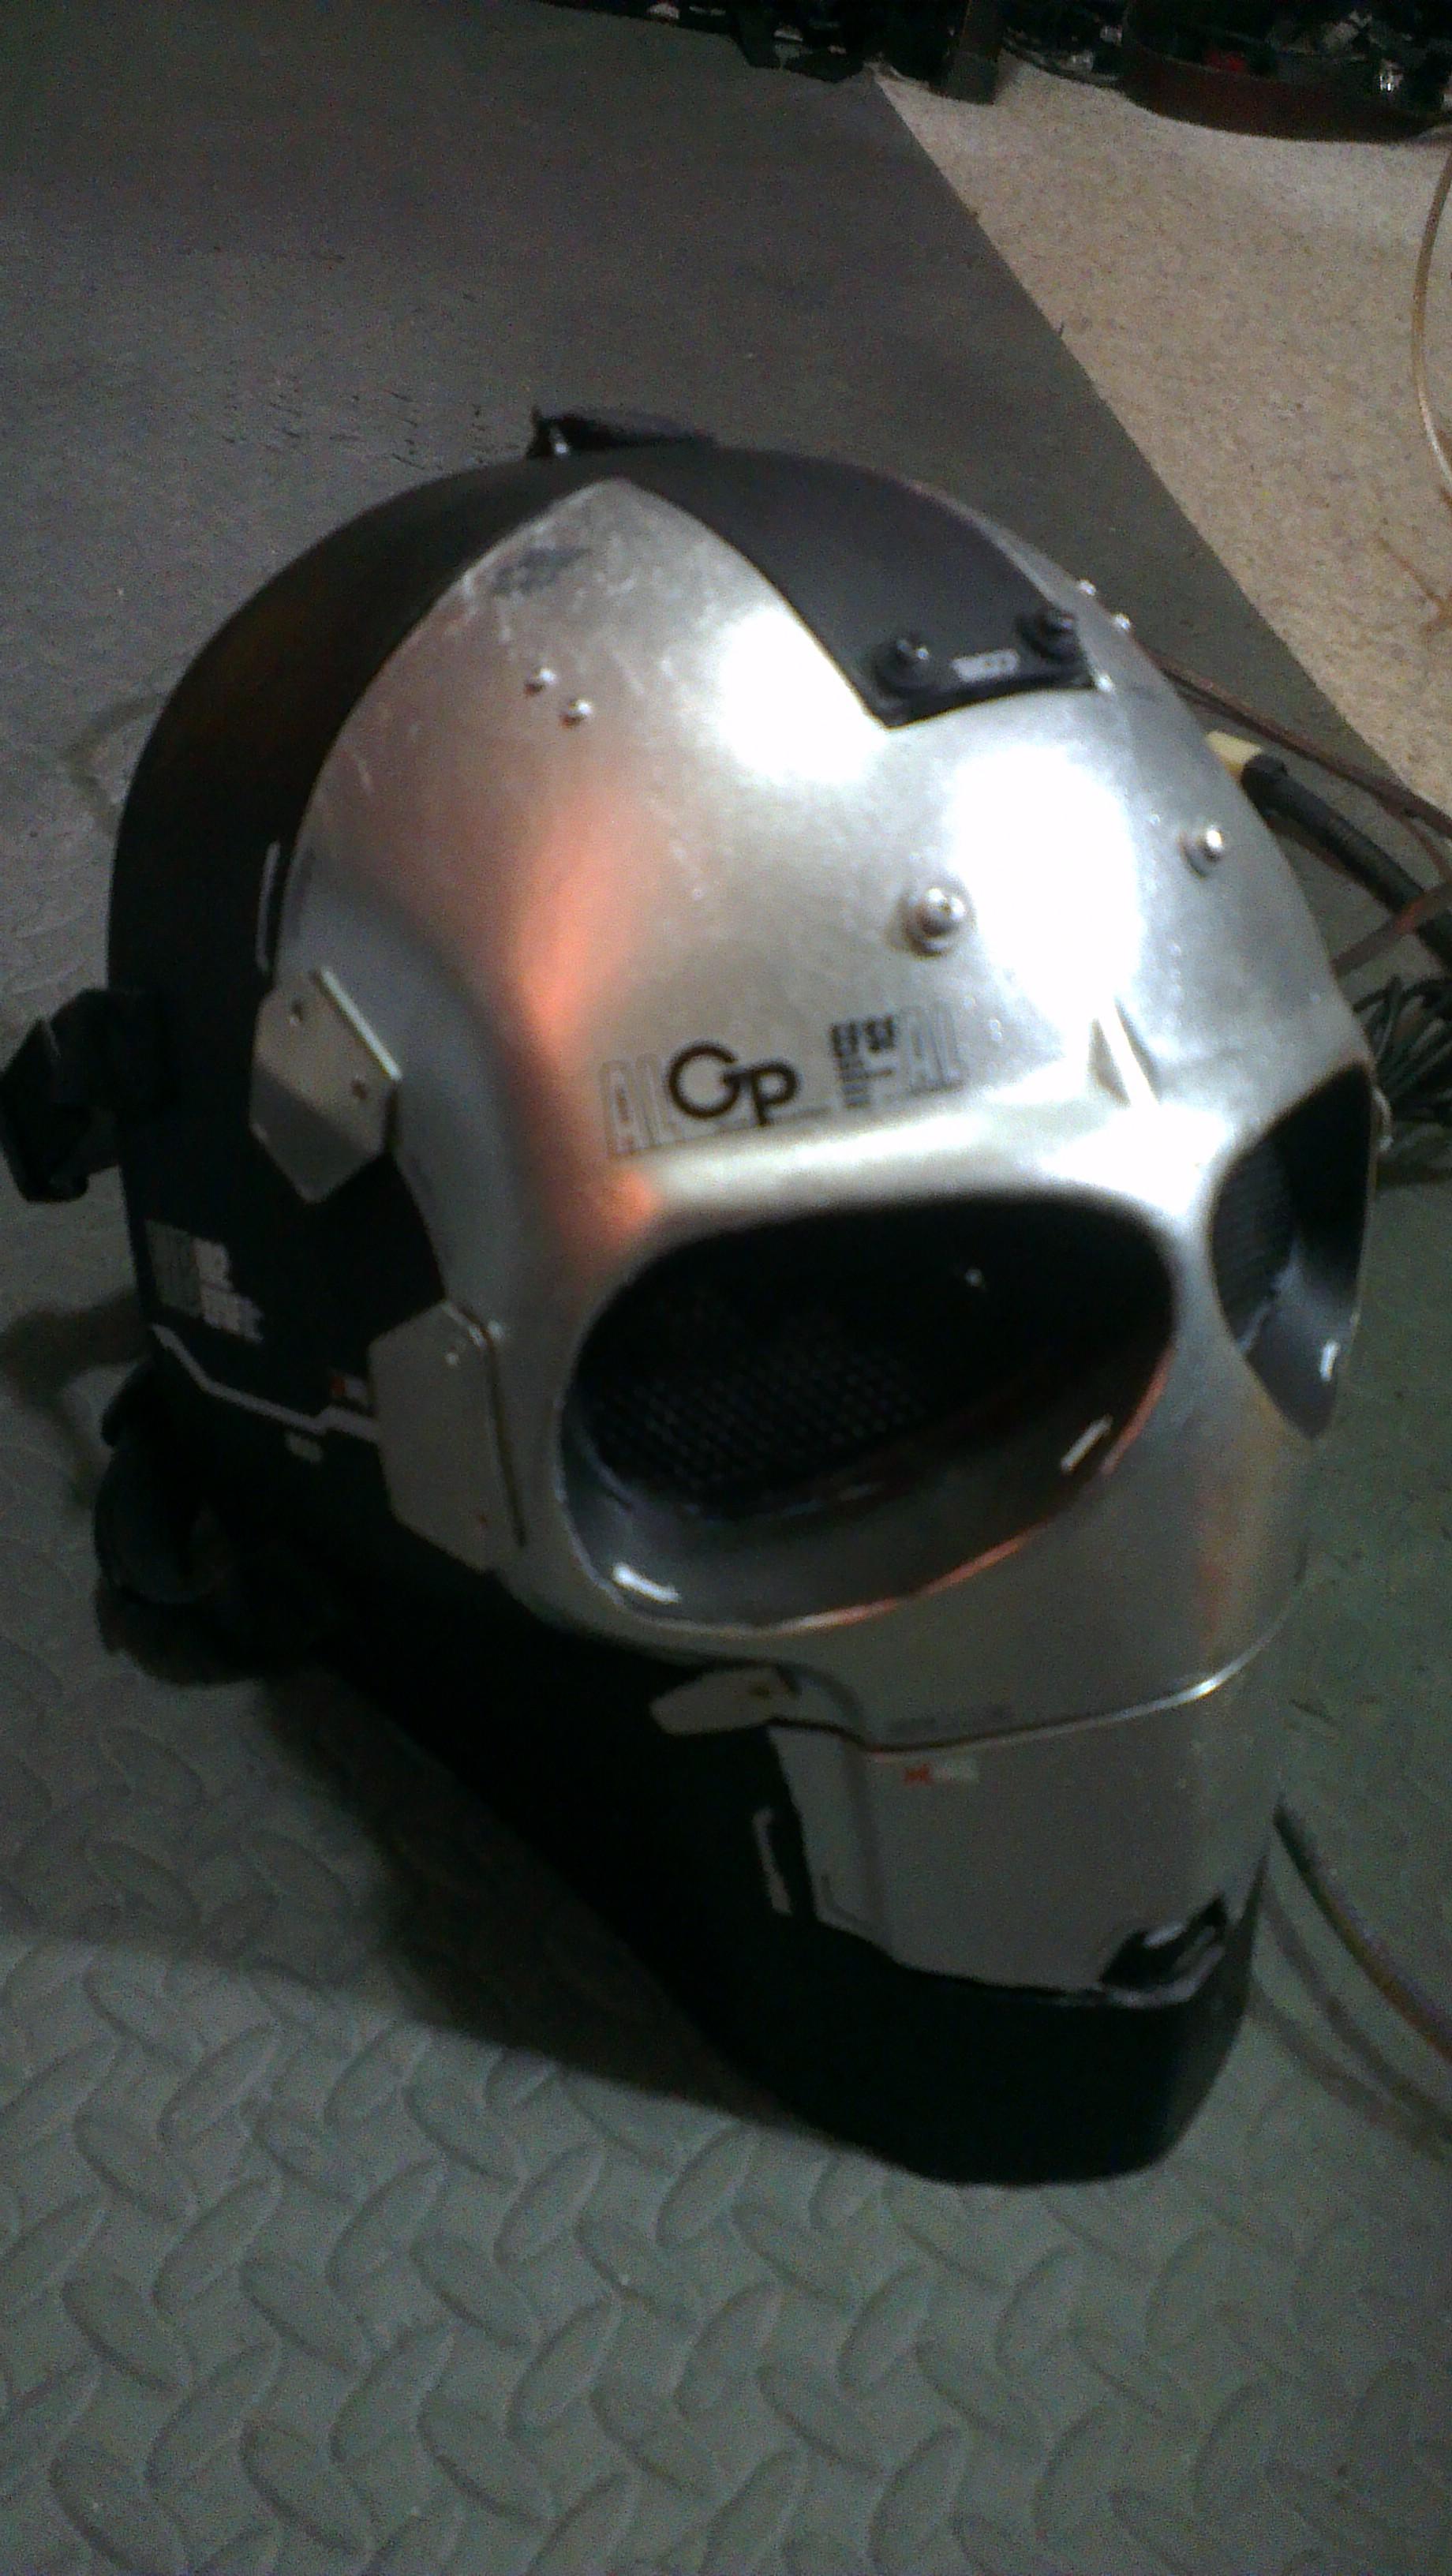 Automatic Mask